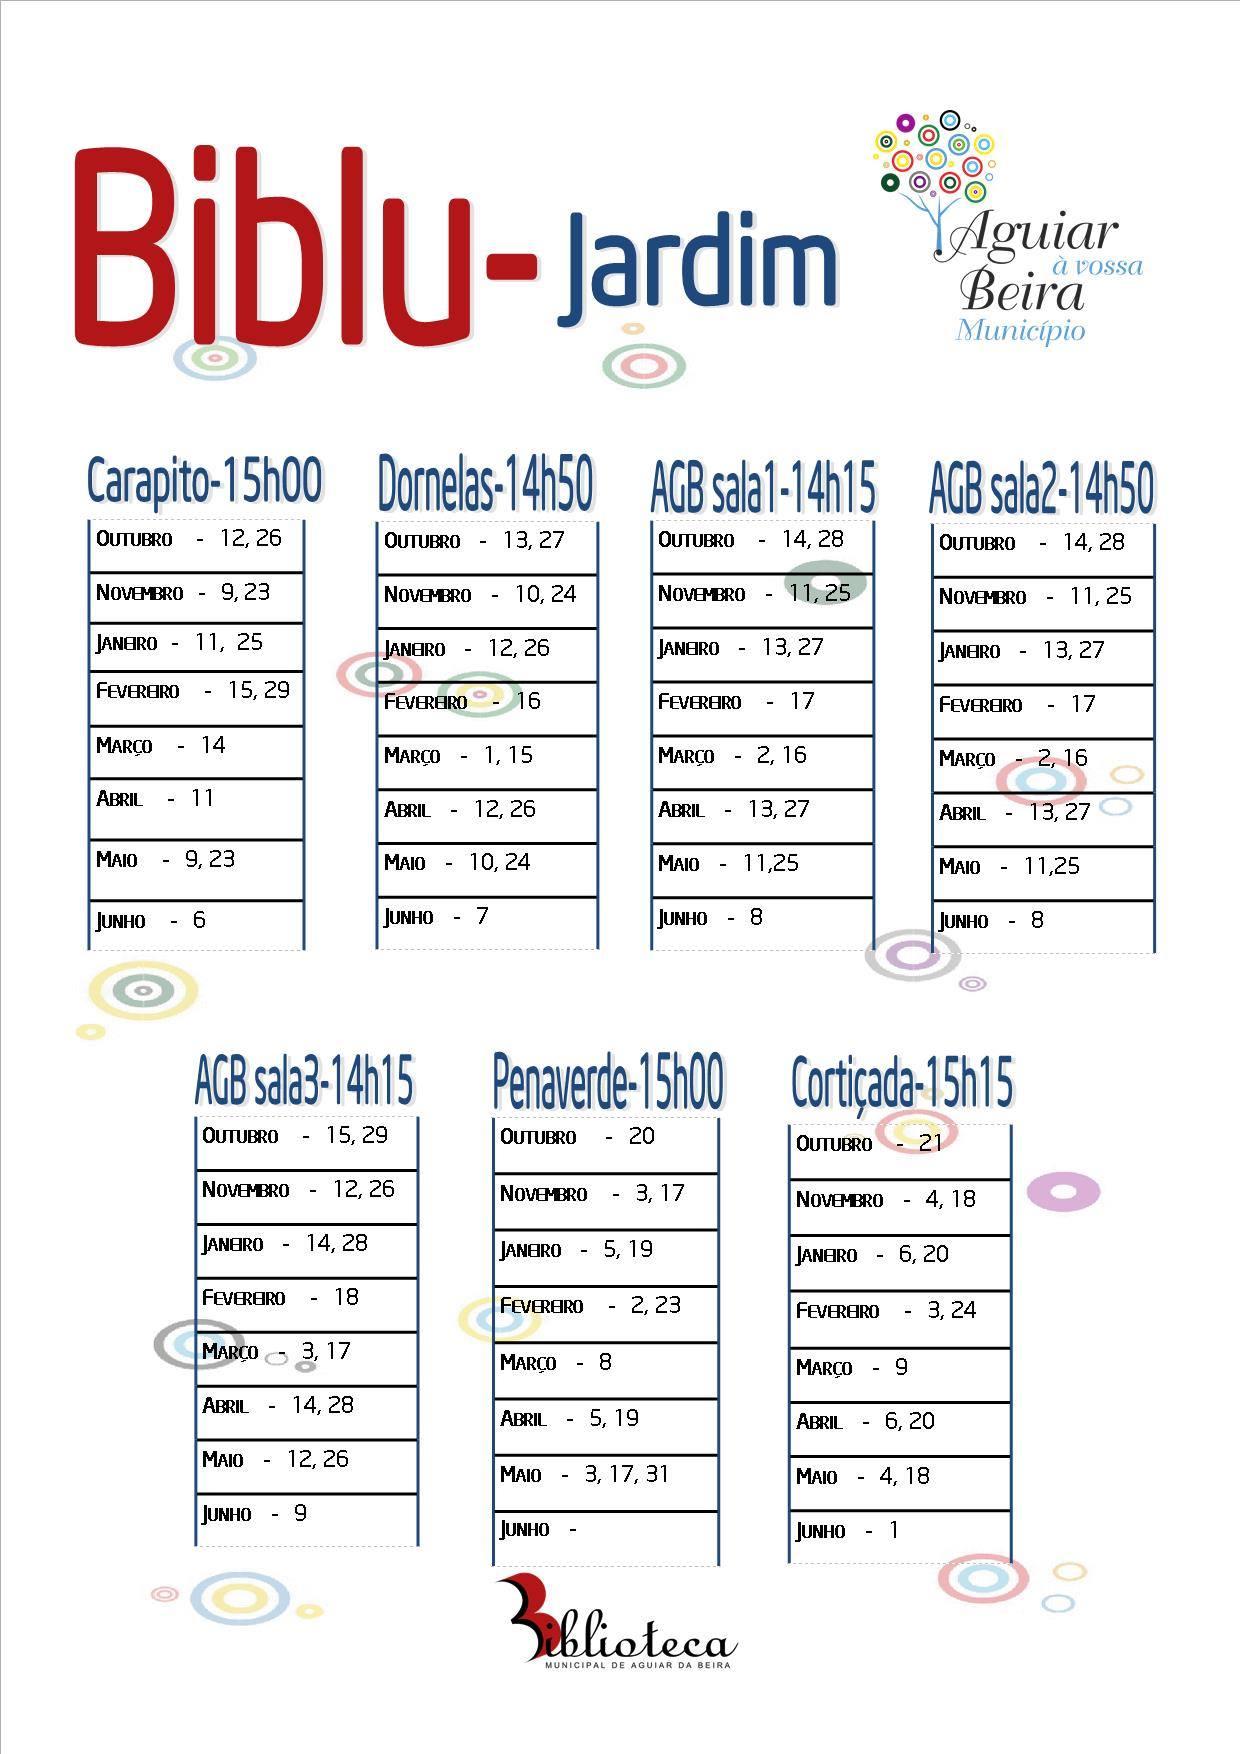 Biblu-Jardim